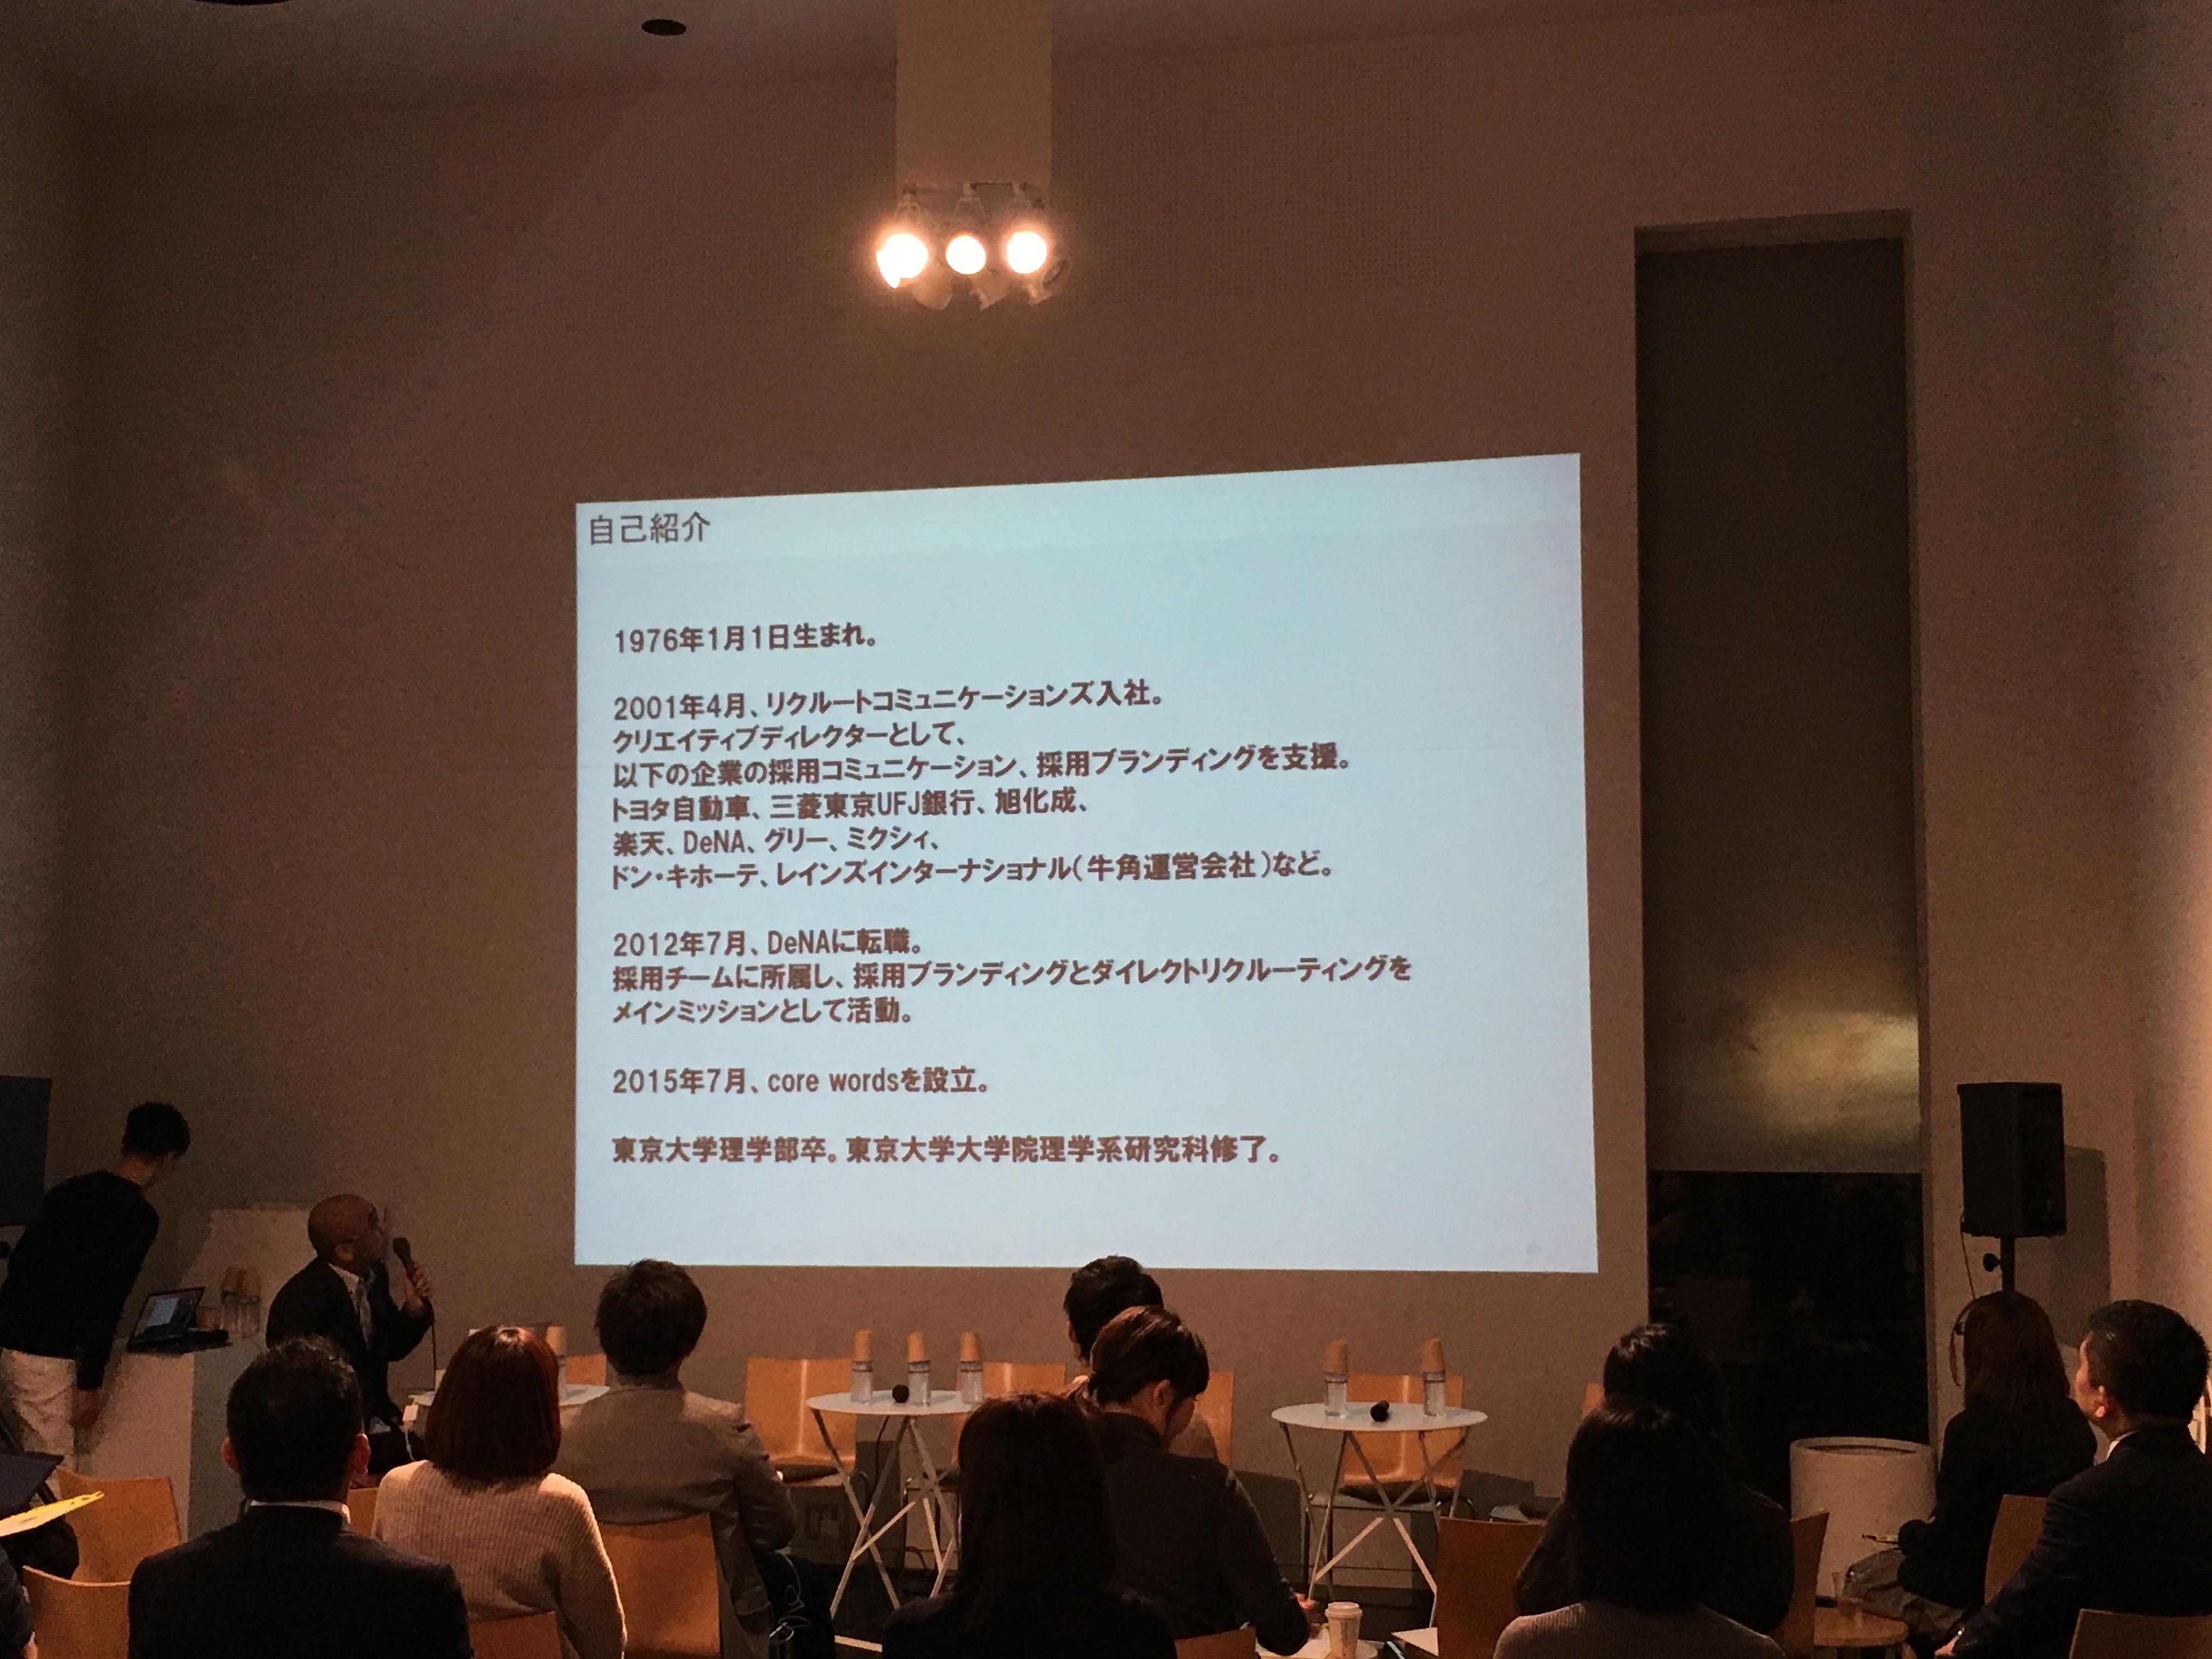 ▲まずは、数々の企業の採用ブランディングを支援してきた佐藤タカトシさんのお話。「採用自体を目的にしてはいけない。事業の課題解決など、何のために採用するのかが重要」(佐藤さん)